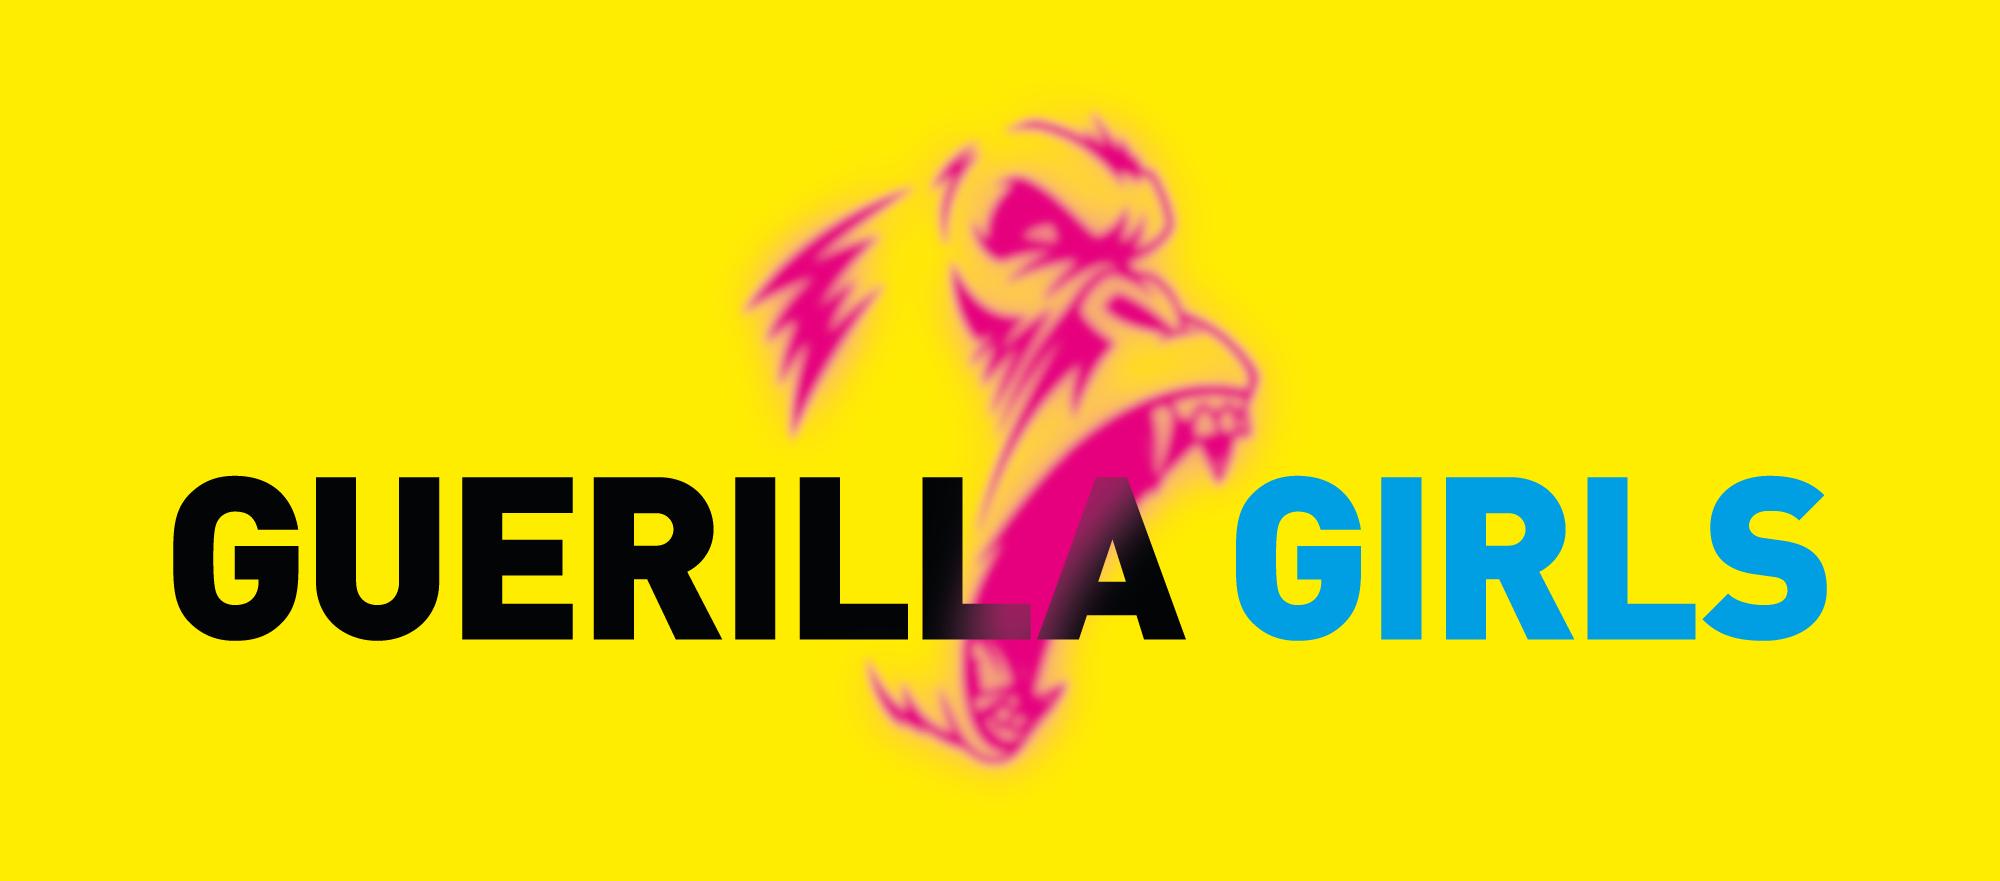 Guerilla Girls, Kunstraum Niederoesterreich 2019 © istock.com, Grafikdesign: Andrea Lehsiak